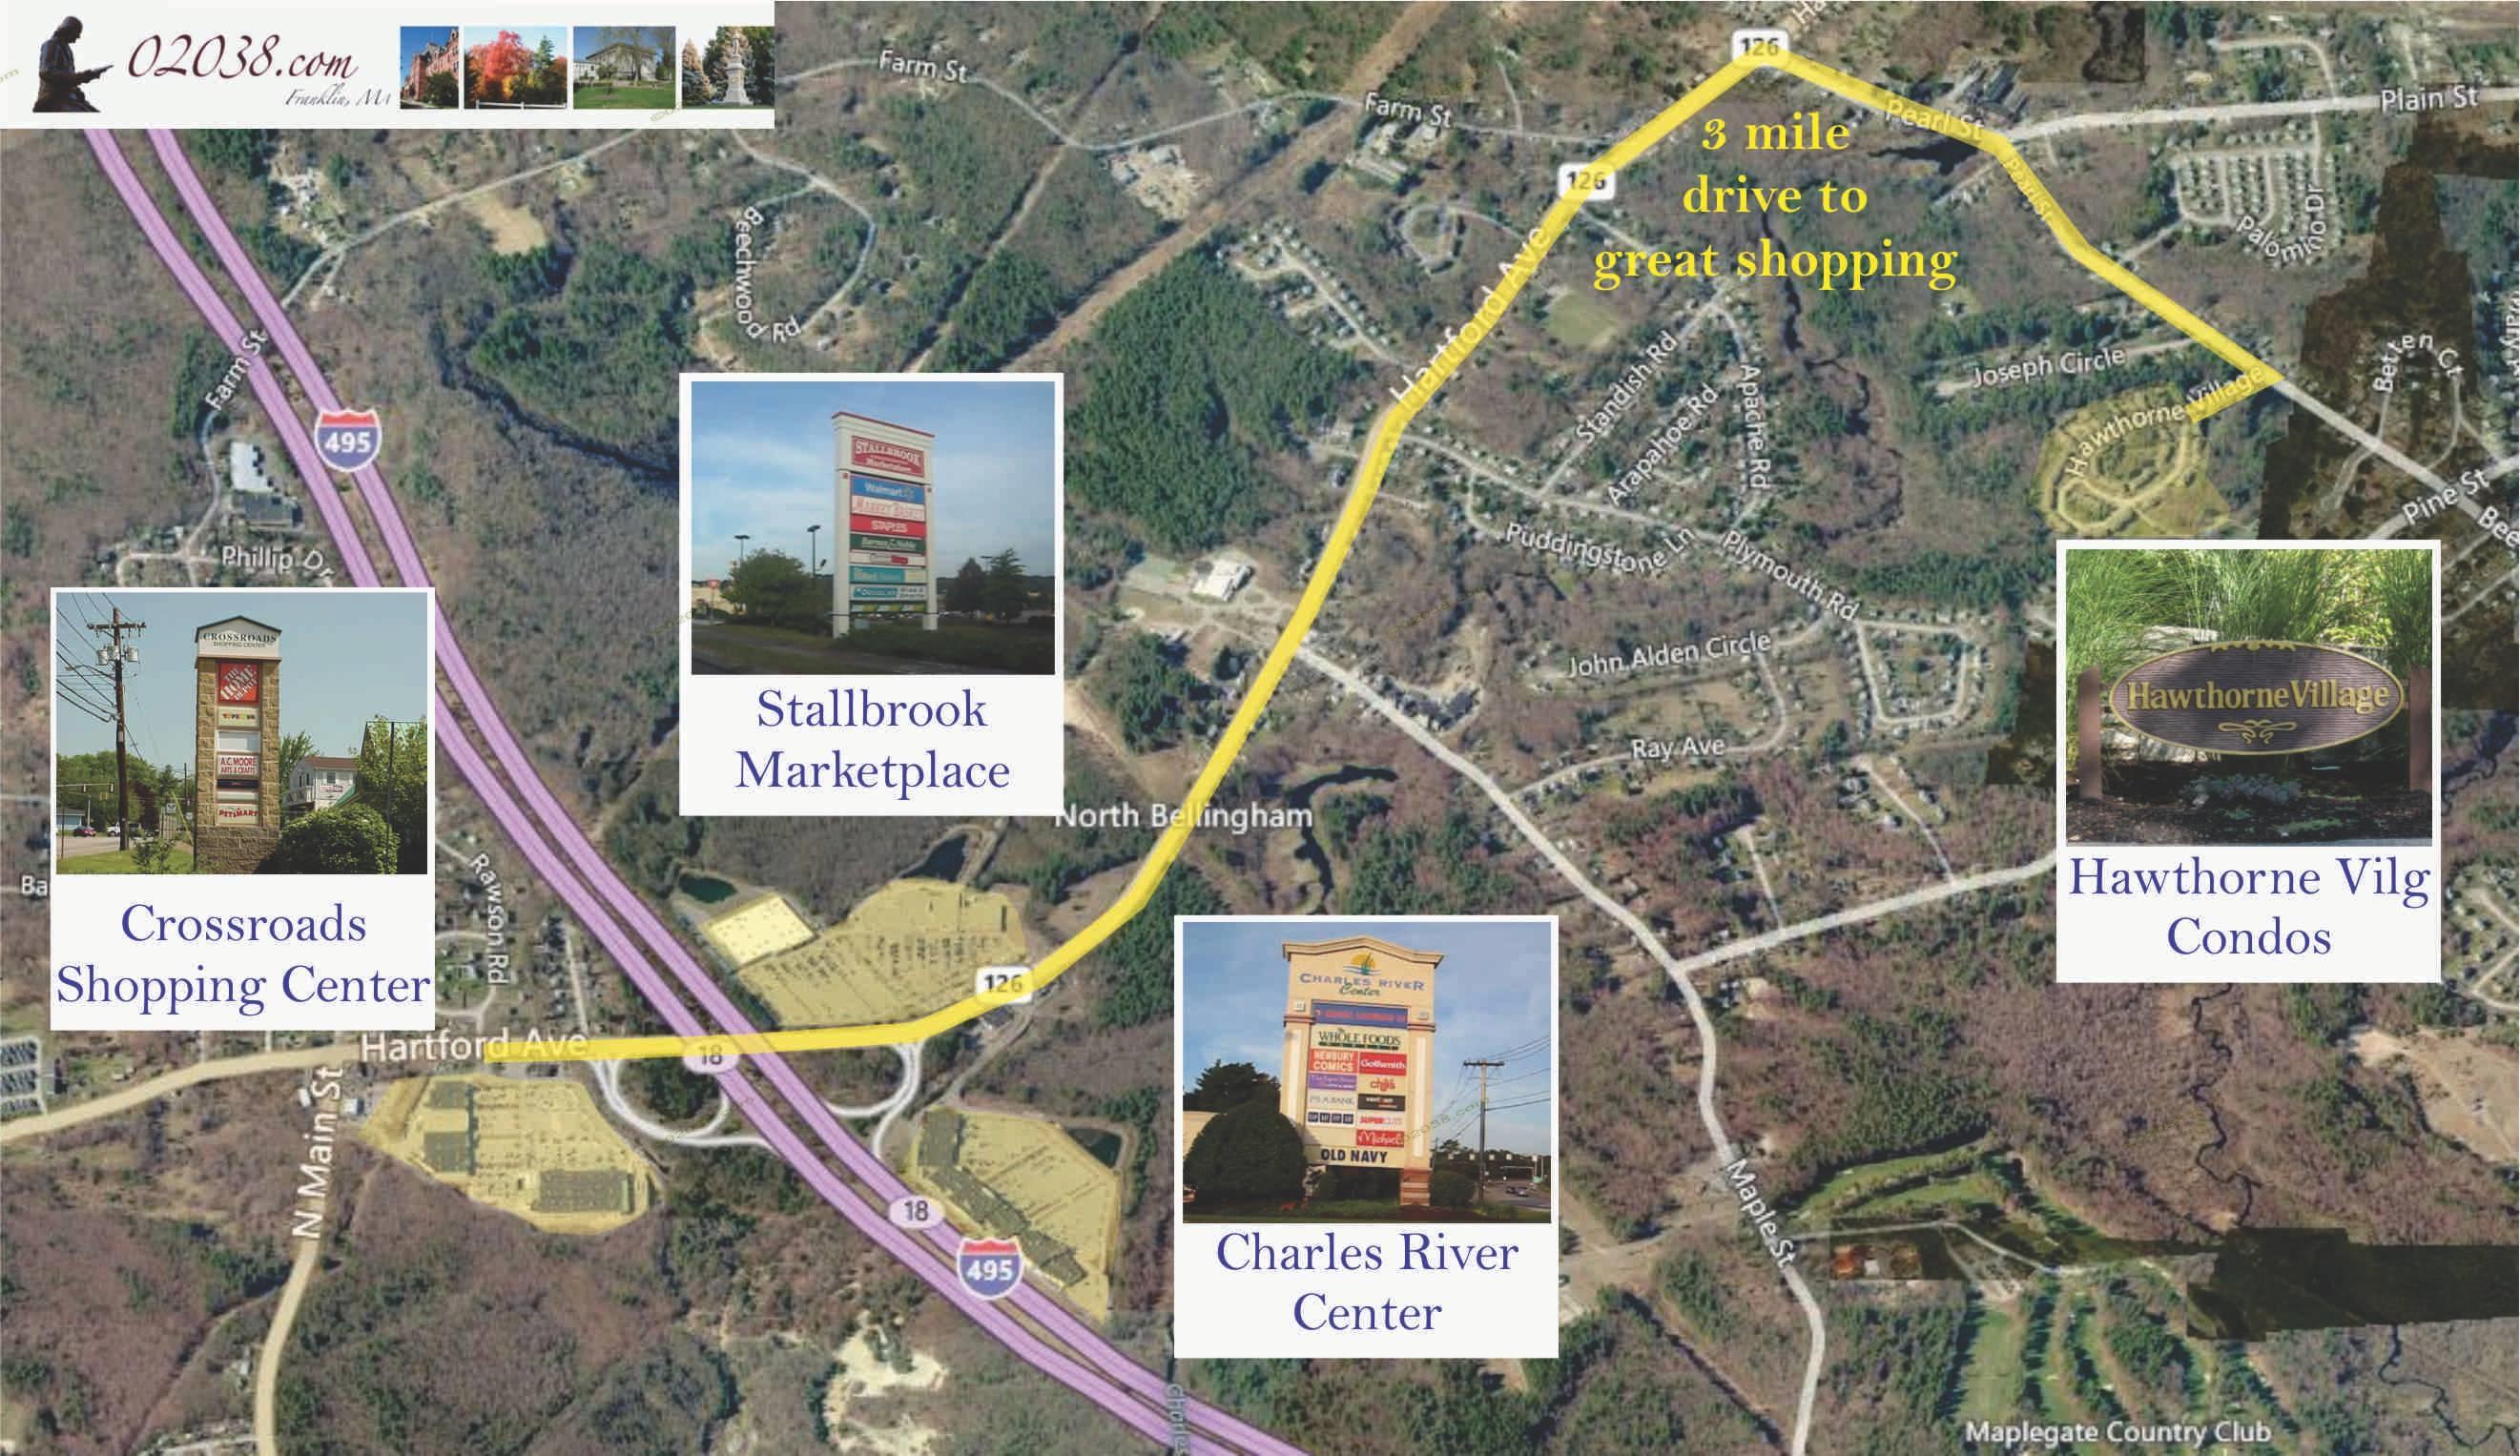 Hawthorne Village Condos Near Shopping I 495 Franklin